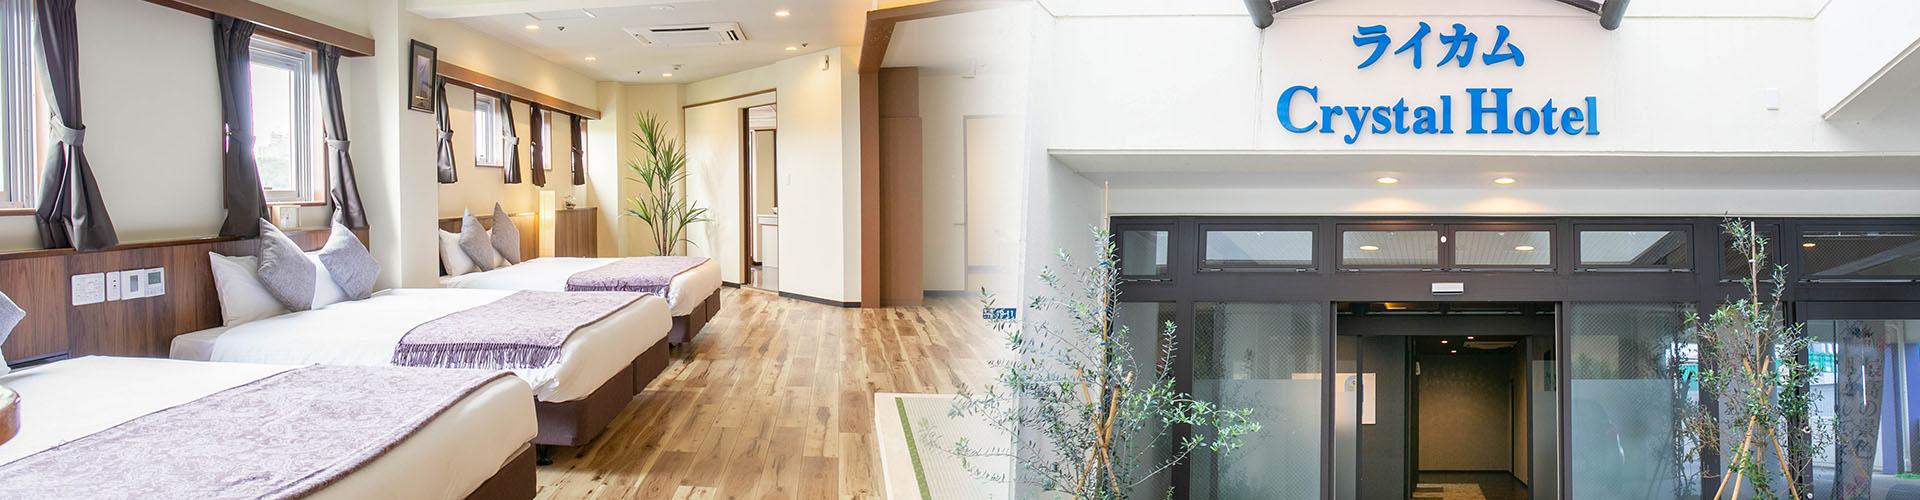 ライカムクリスタルホテル - 株式会社リゾートライフ